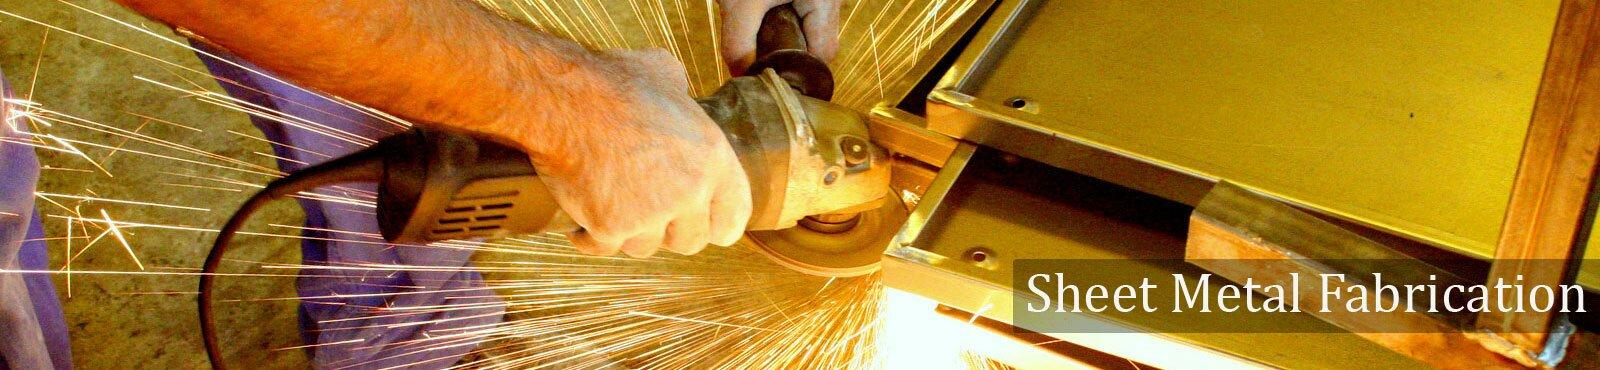 CNC Laser Cutting in Guwahati, CNC Laser Cutting Services in